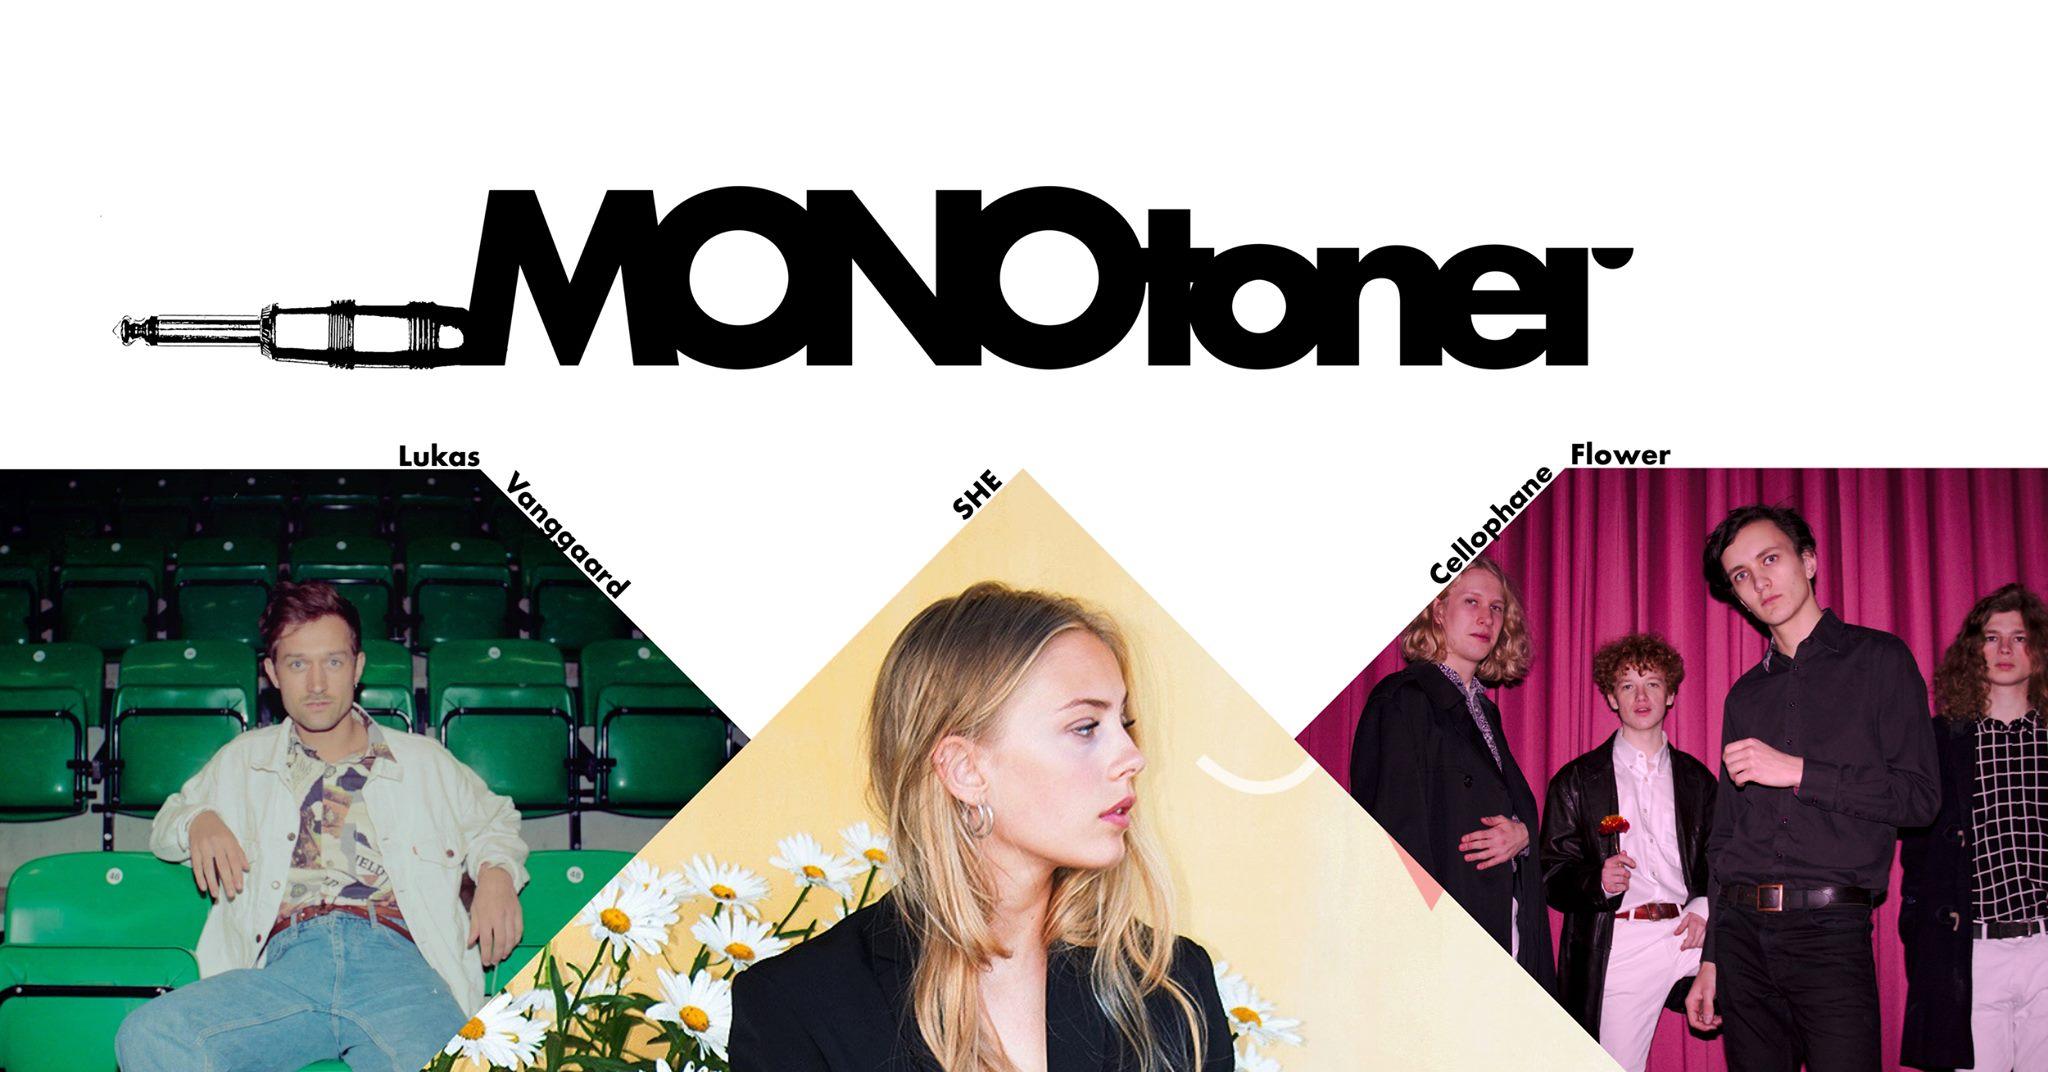 Monotoner2020